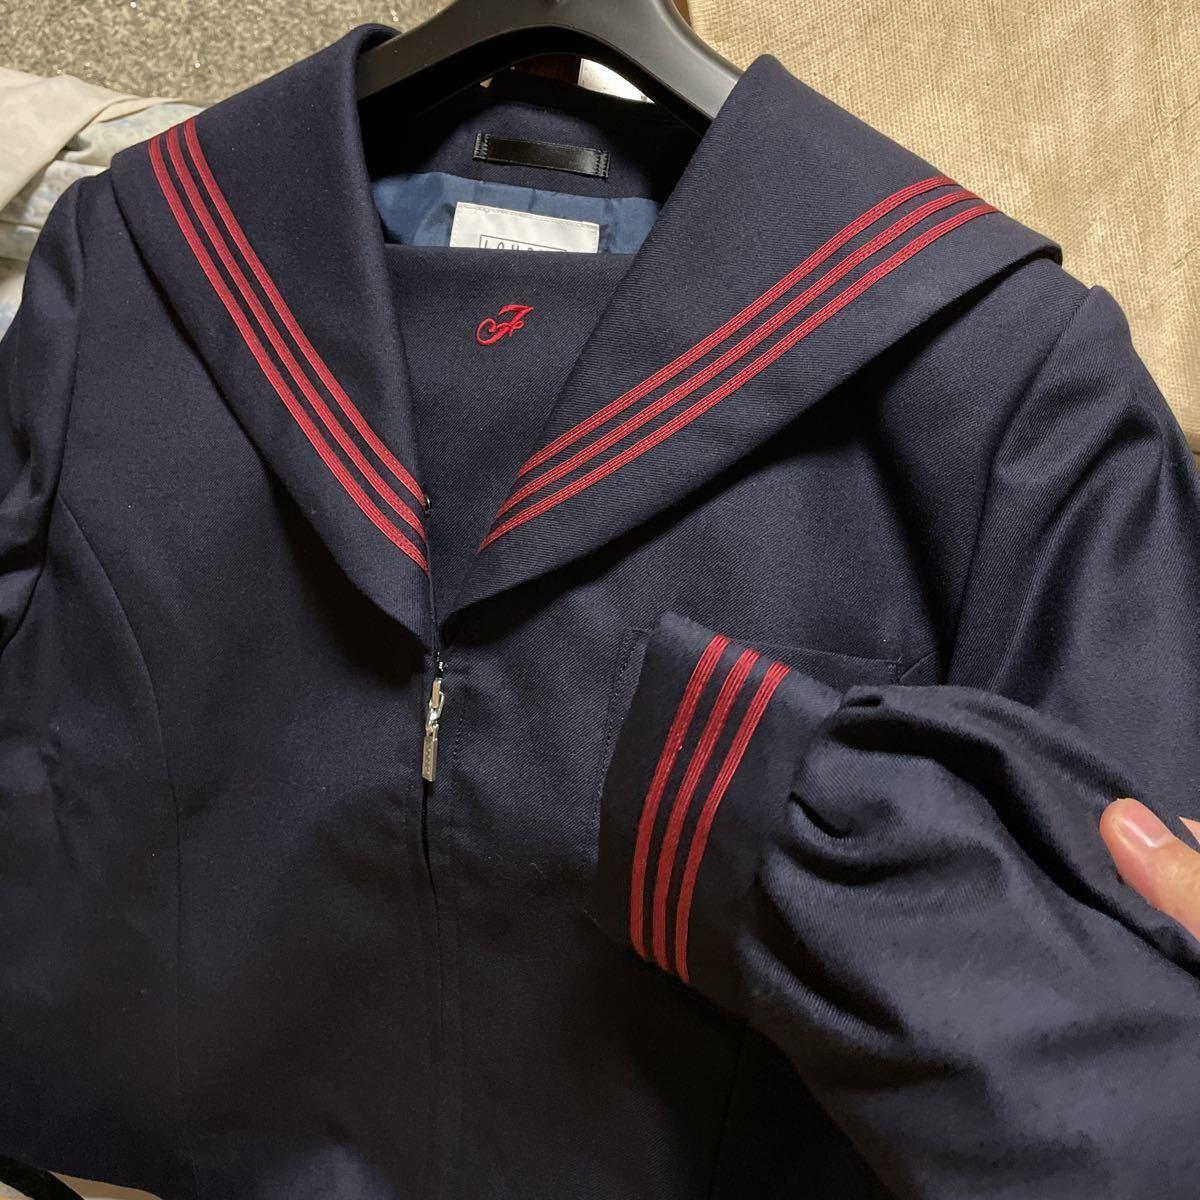 【新品未使用】学生服 LOWRYS FARM セーラー服 正規品 上着 冬服 制服 中学校 高校 コスプレ 165Bサイズ 赤いセーラー服女子制服_画像1